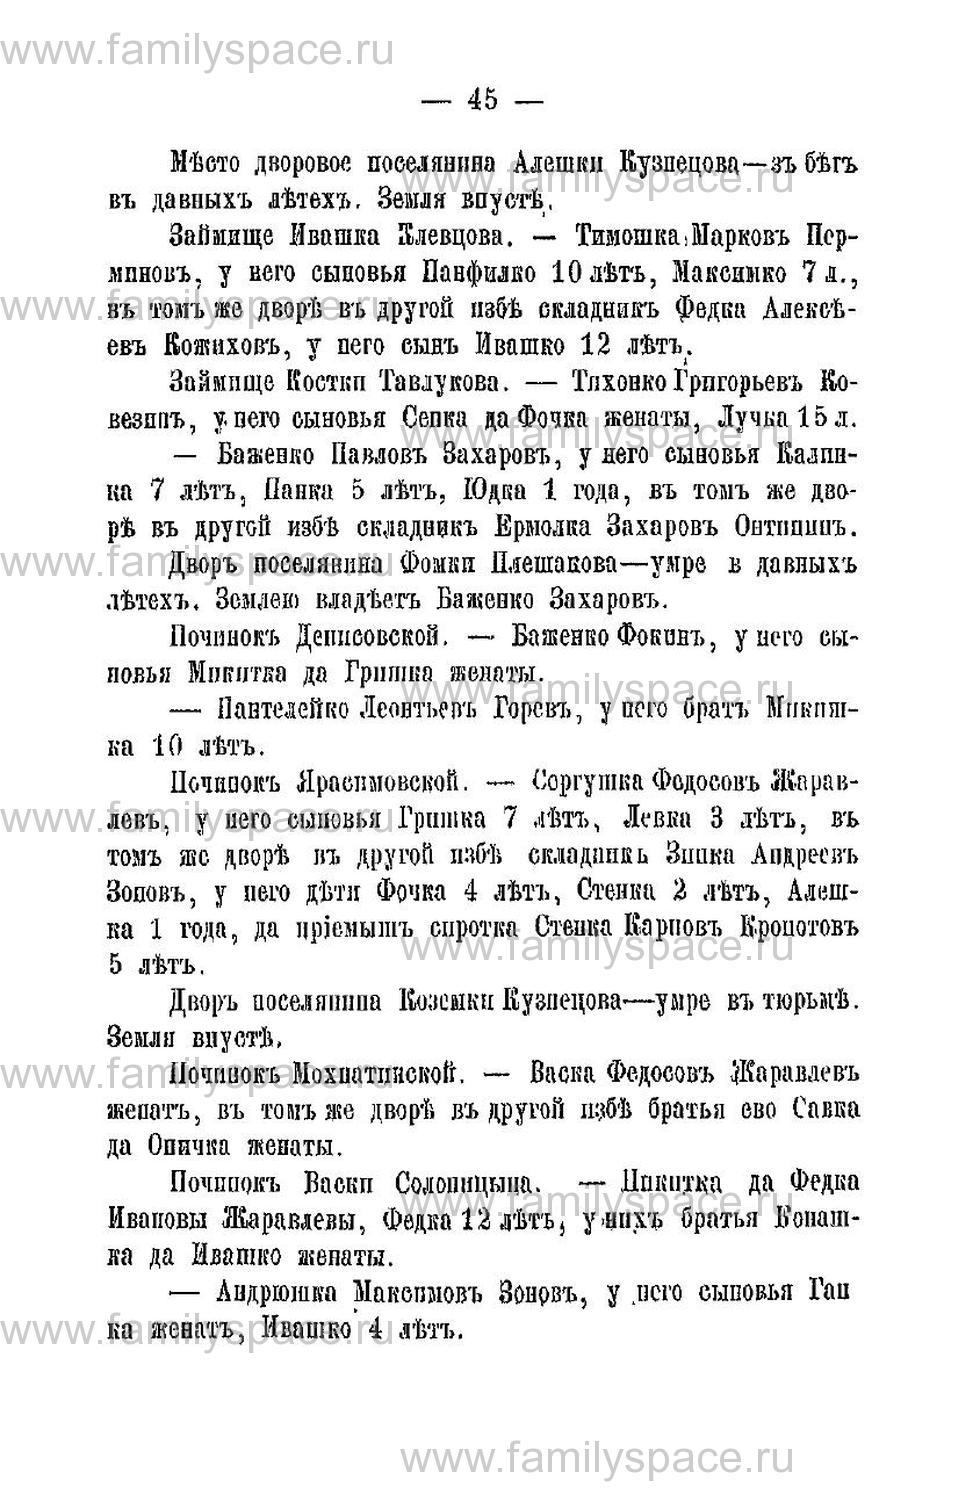 Поиск по фамилии - Переписная книга Орлова и волостей 1678 г, страница 41